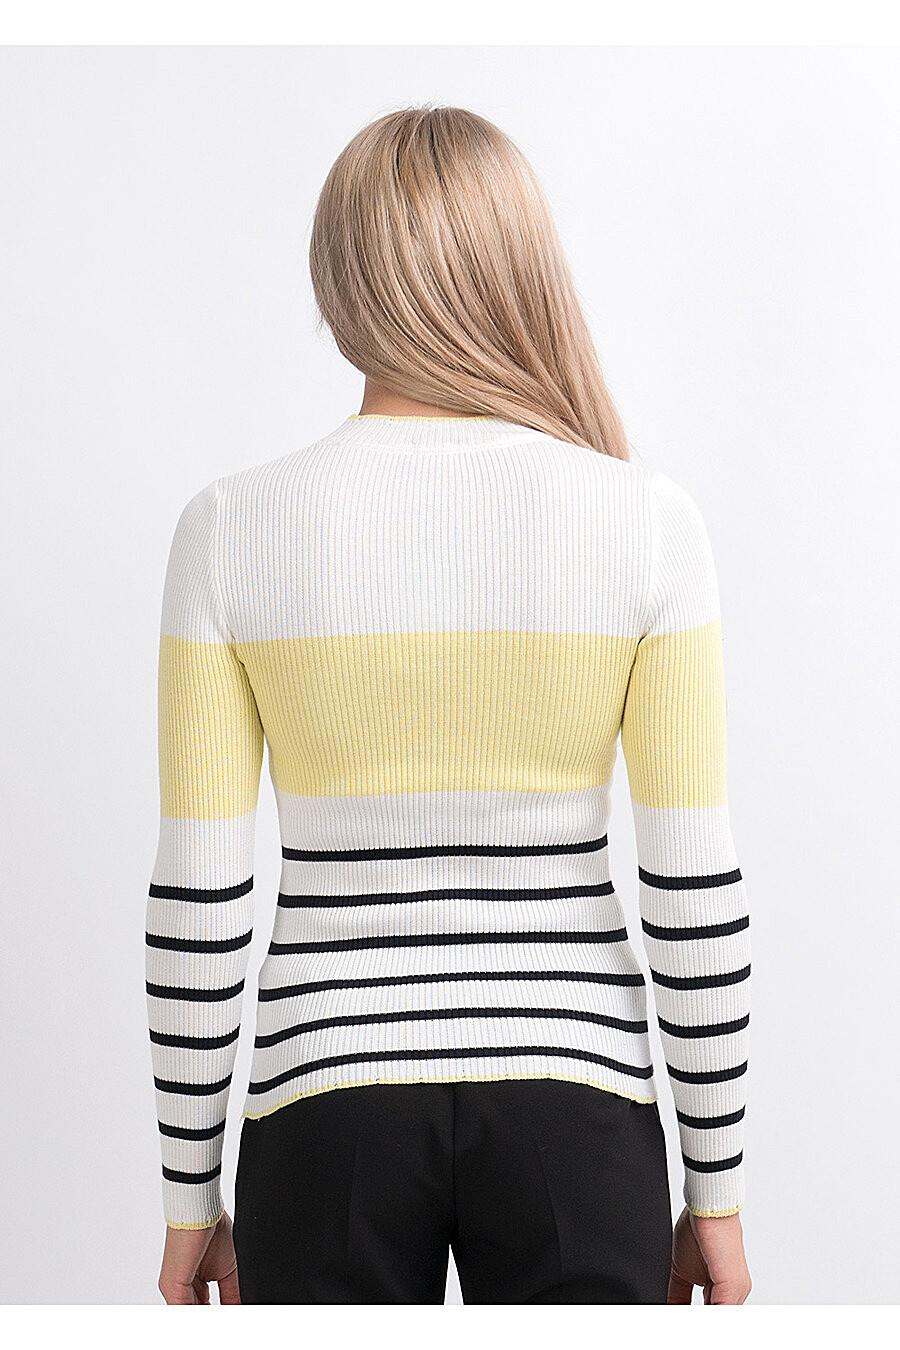 Джемпер для женщин CLEVER 155218 купить оптом от производителя. Совместная покупка женской одежды в OptMoyo